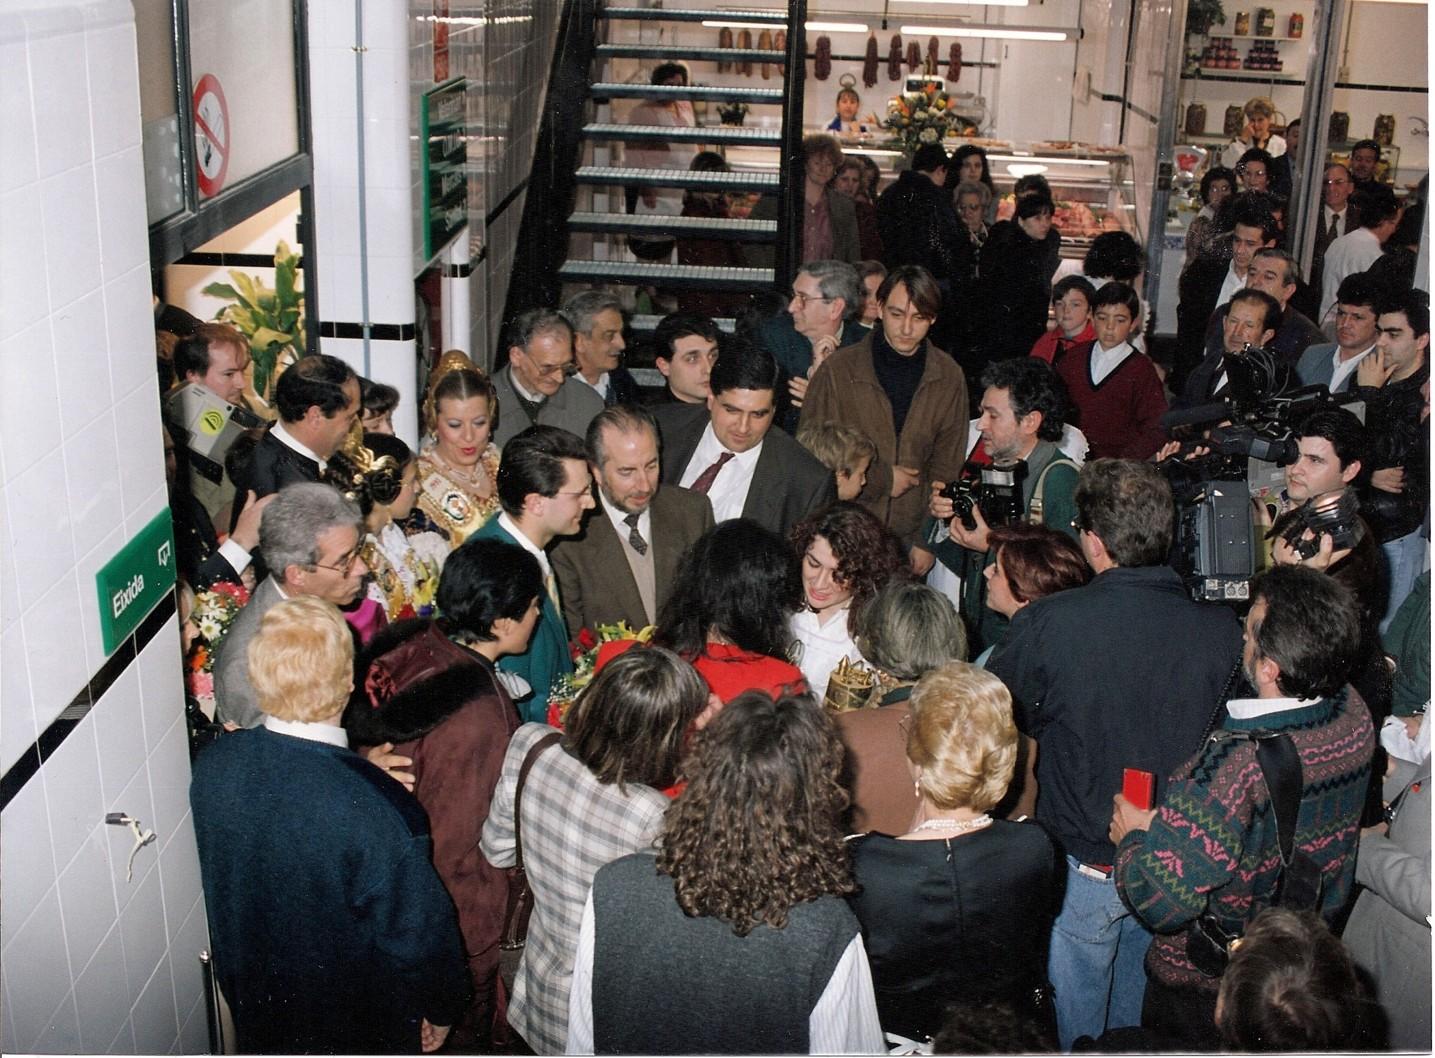 Inauguracion-reforma-mercado-1993 (1)